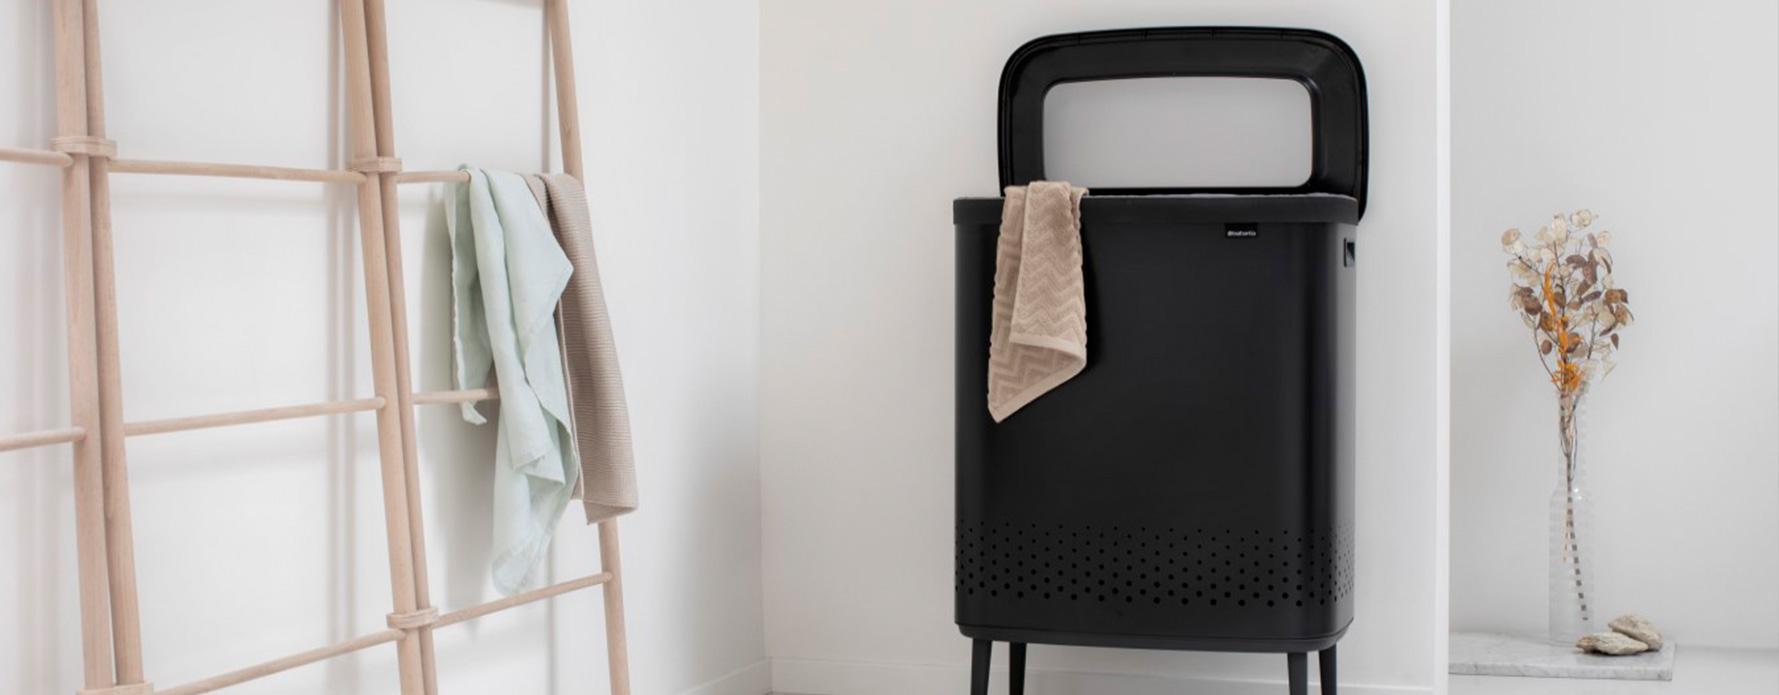 Tendederos Brabantia para el cuidado de la ropa - Servei Estació